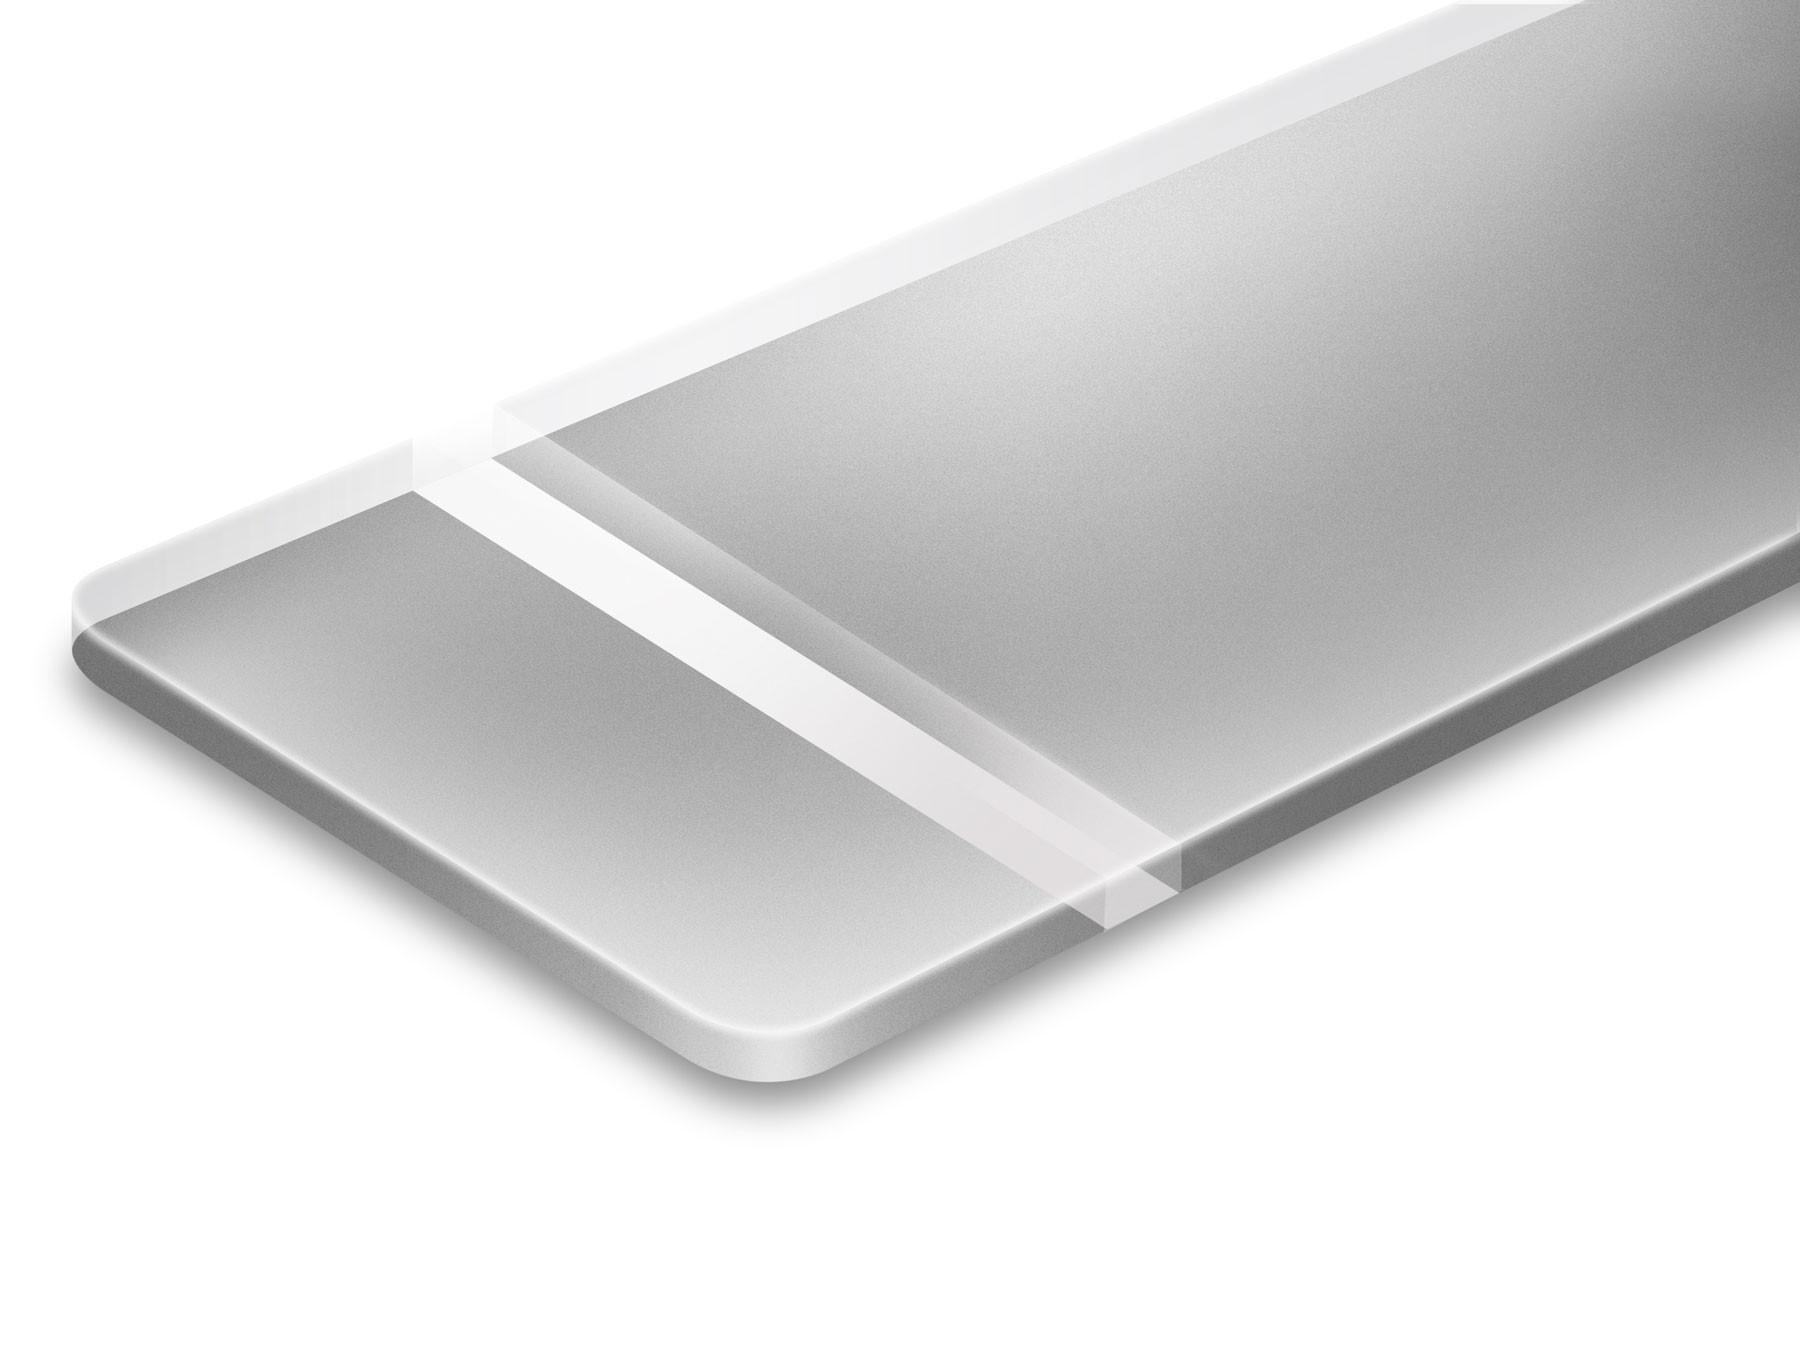 TroLase Reverse, Matte/Silver, 2ply, 1.6 mm